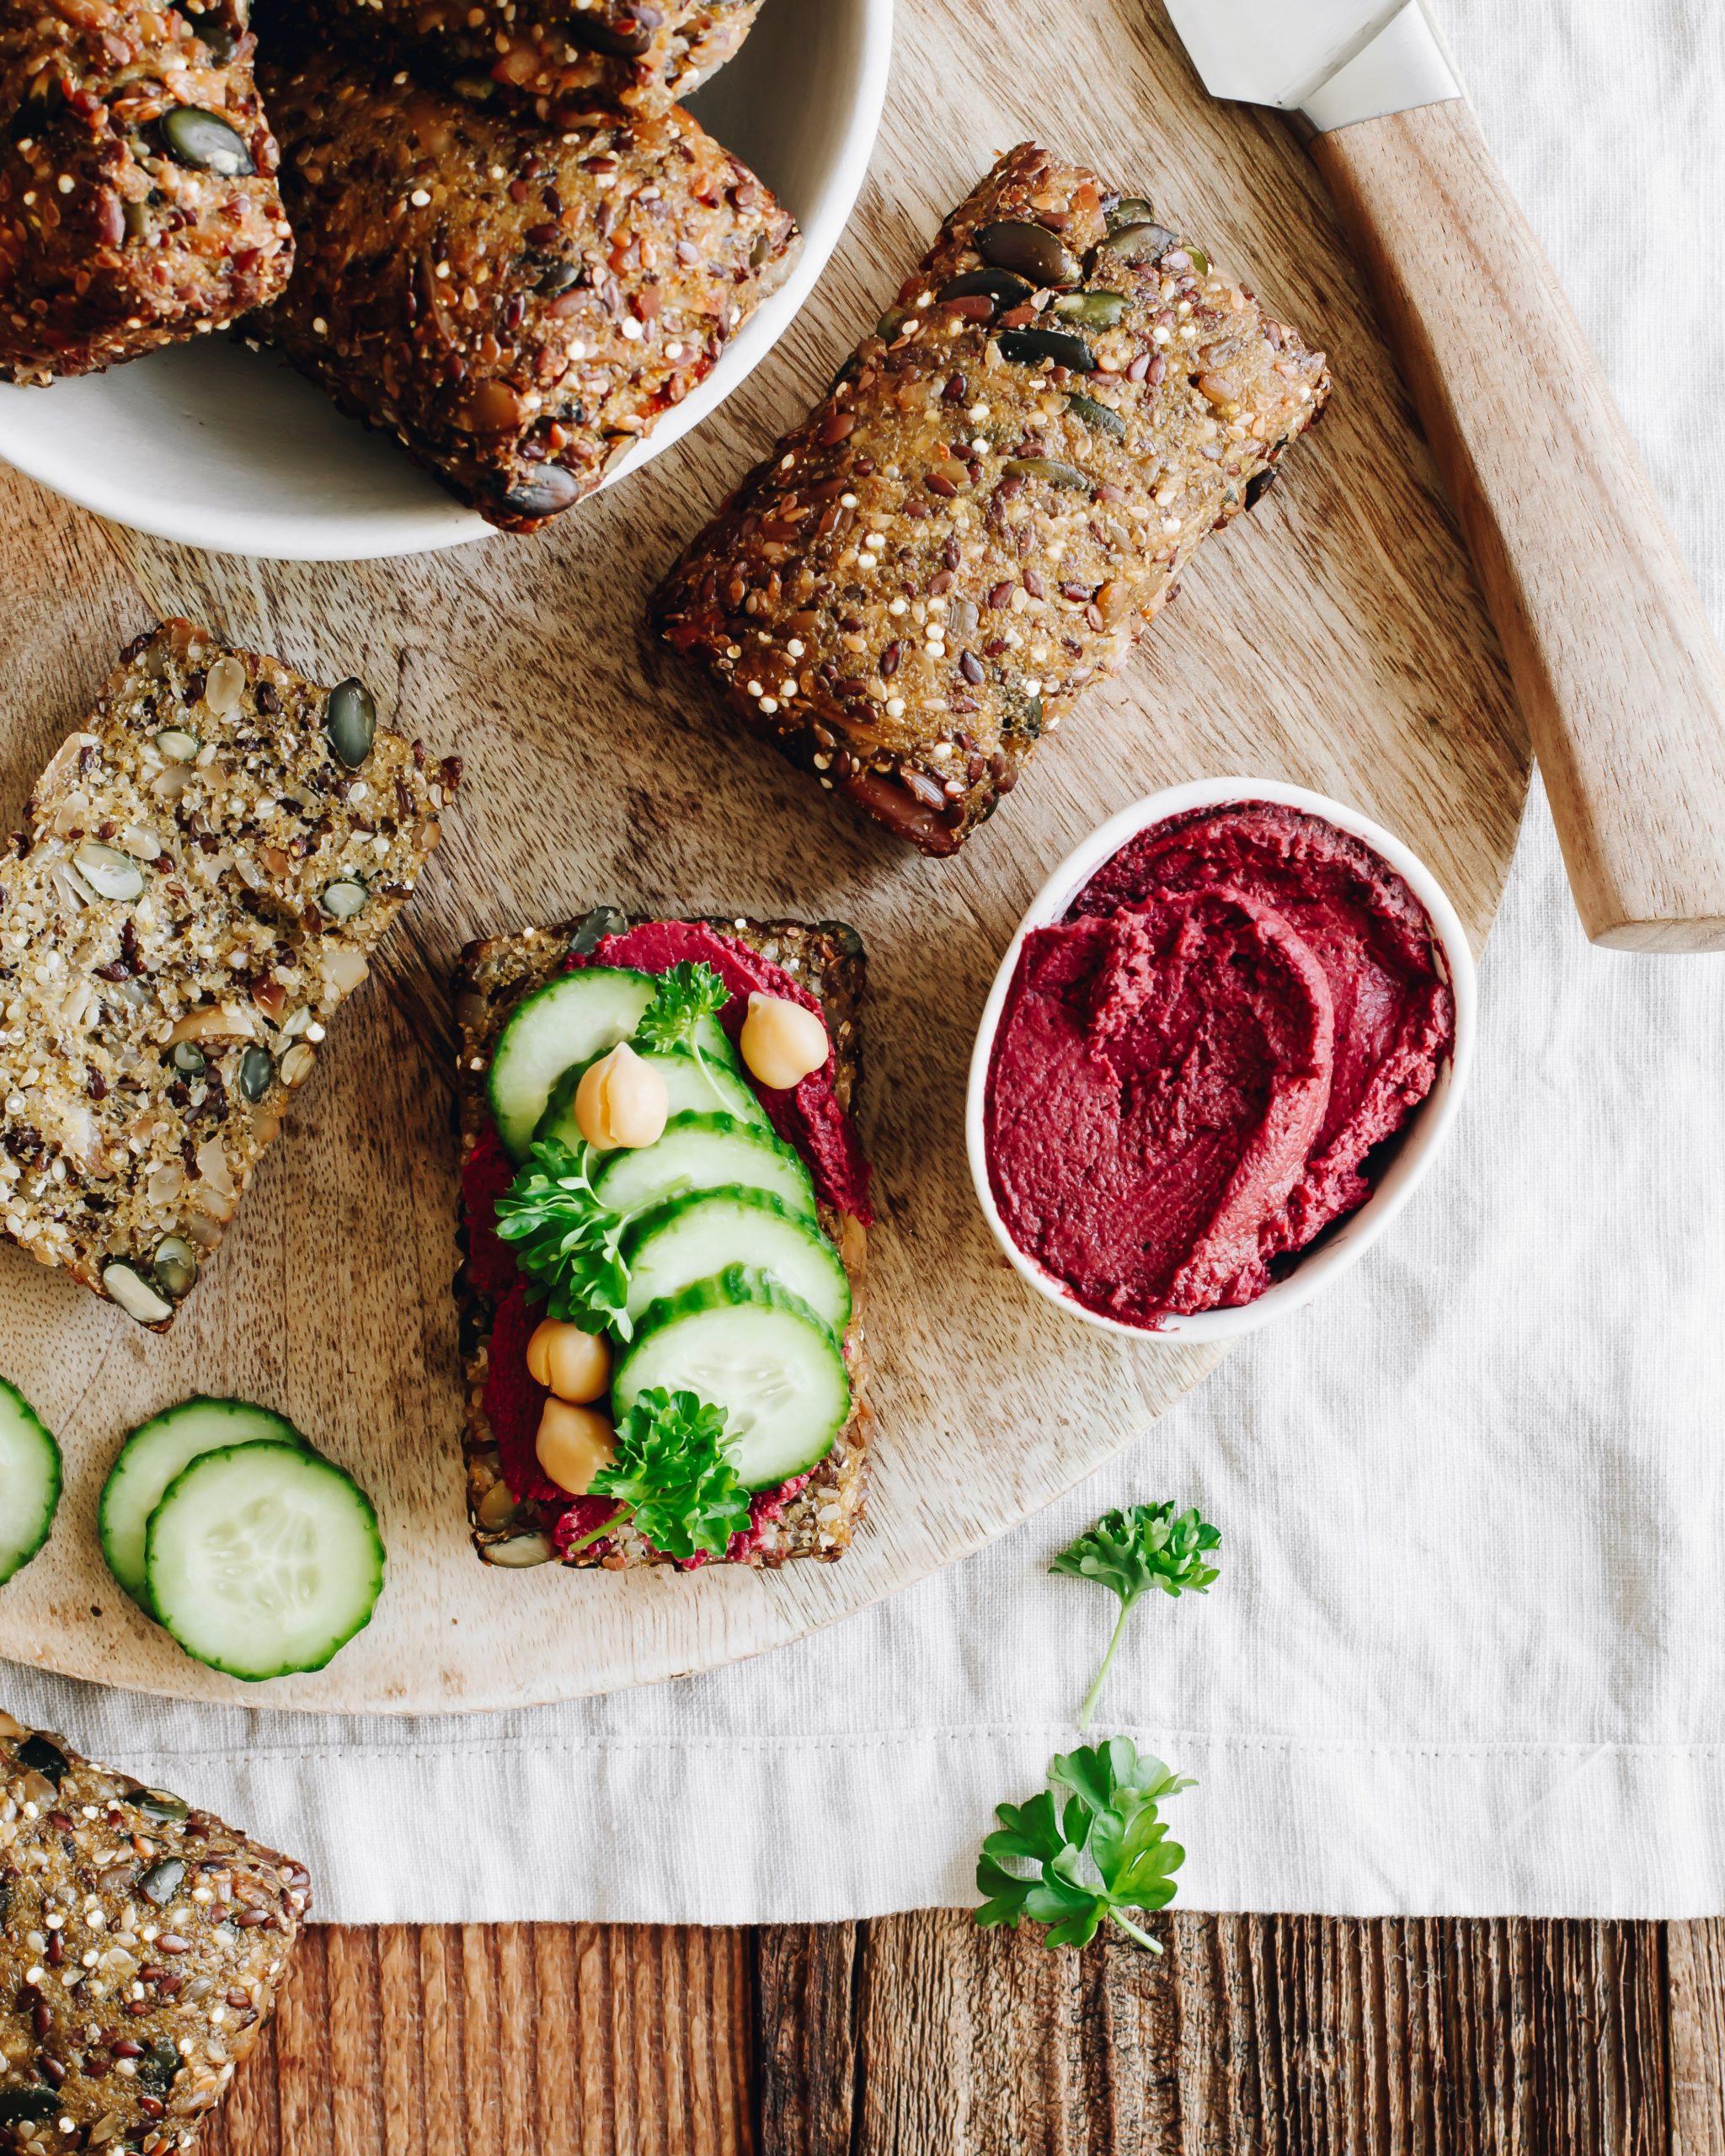 Food Fotografie Brötchen mit Serviervorschlag